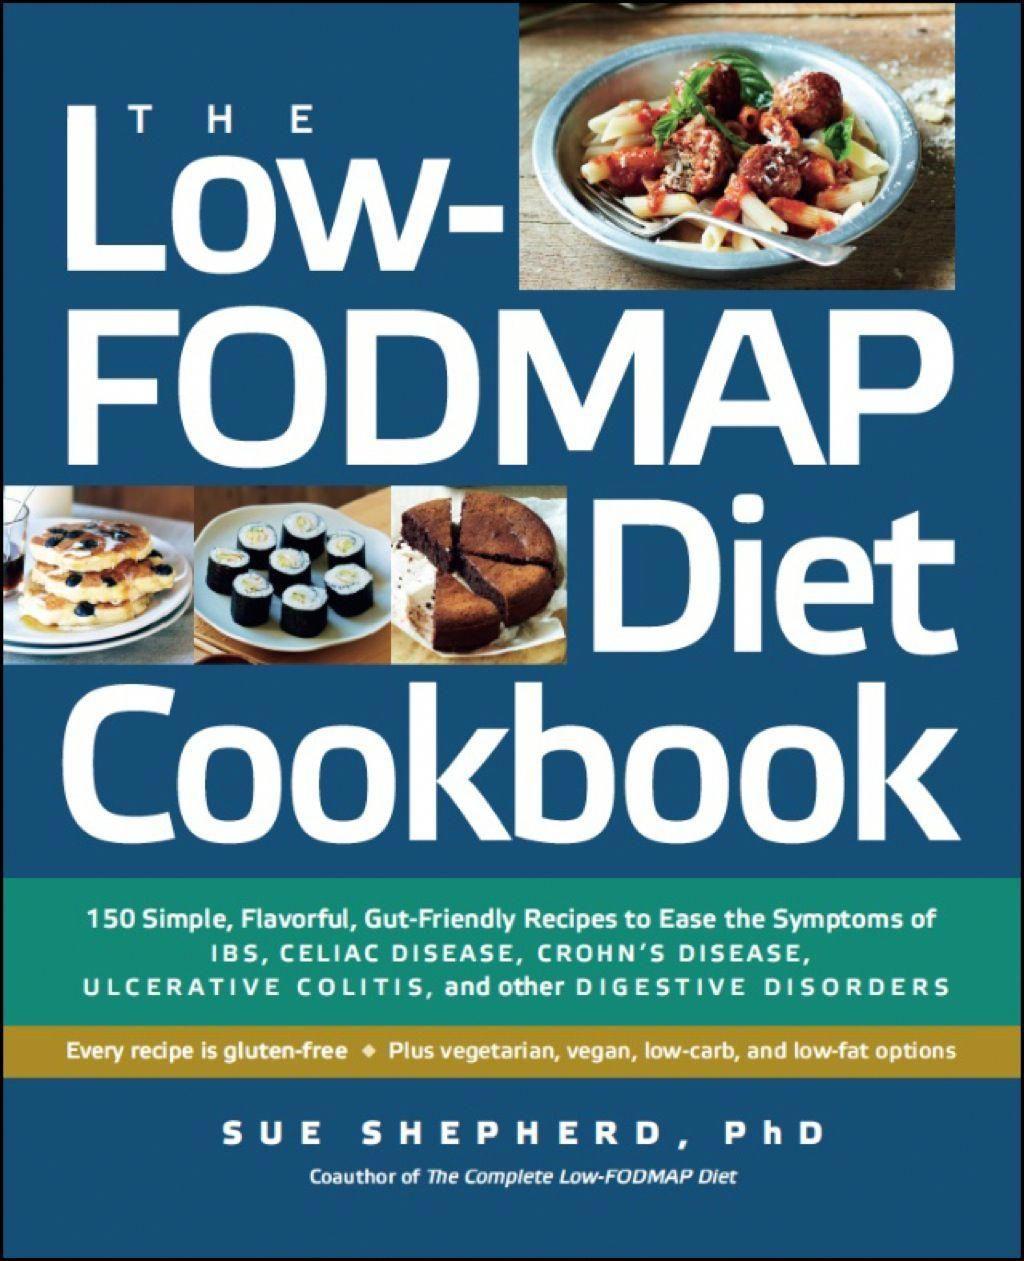 The Low-FODMAP Diet Cookbook (eBook)